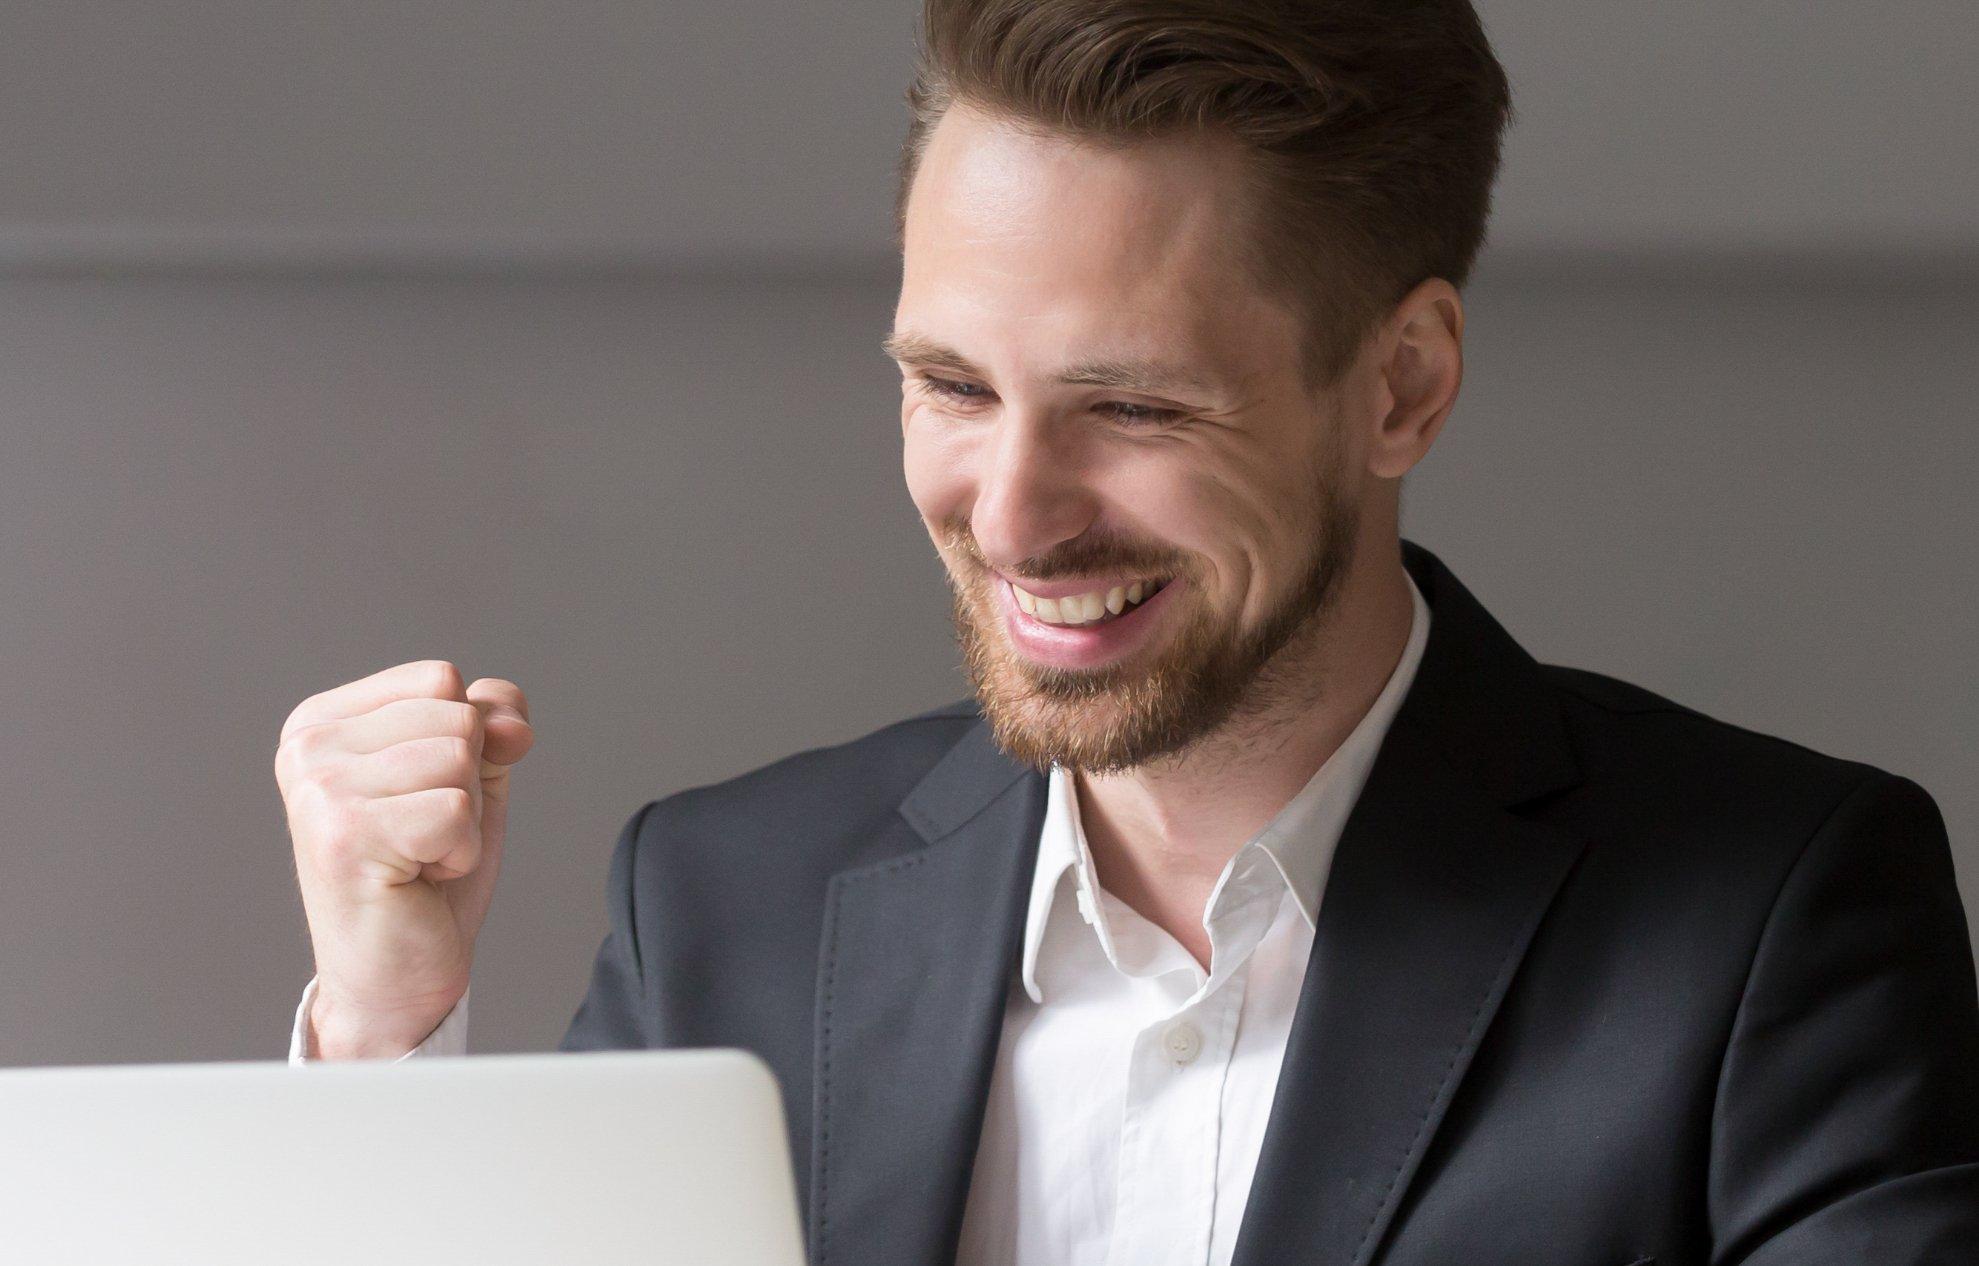 A happy man at his computer